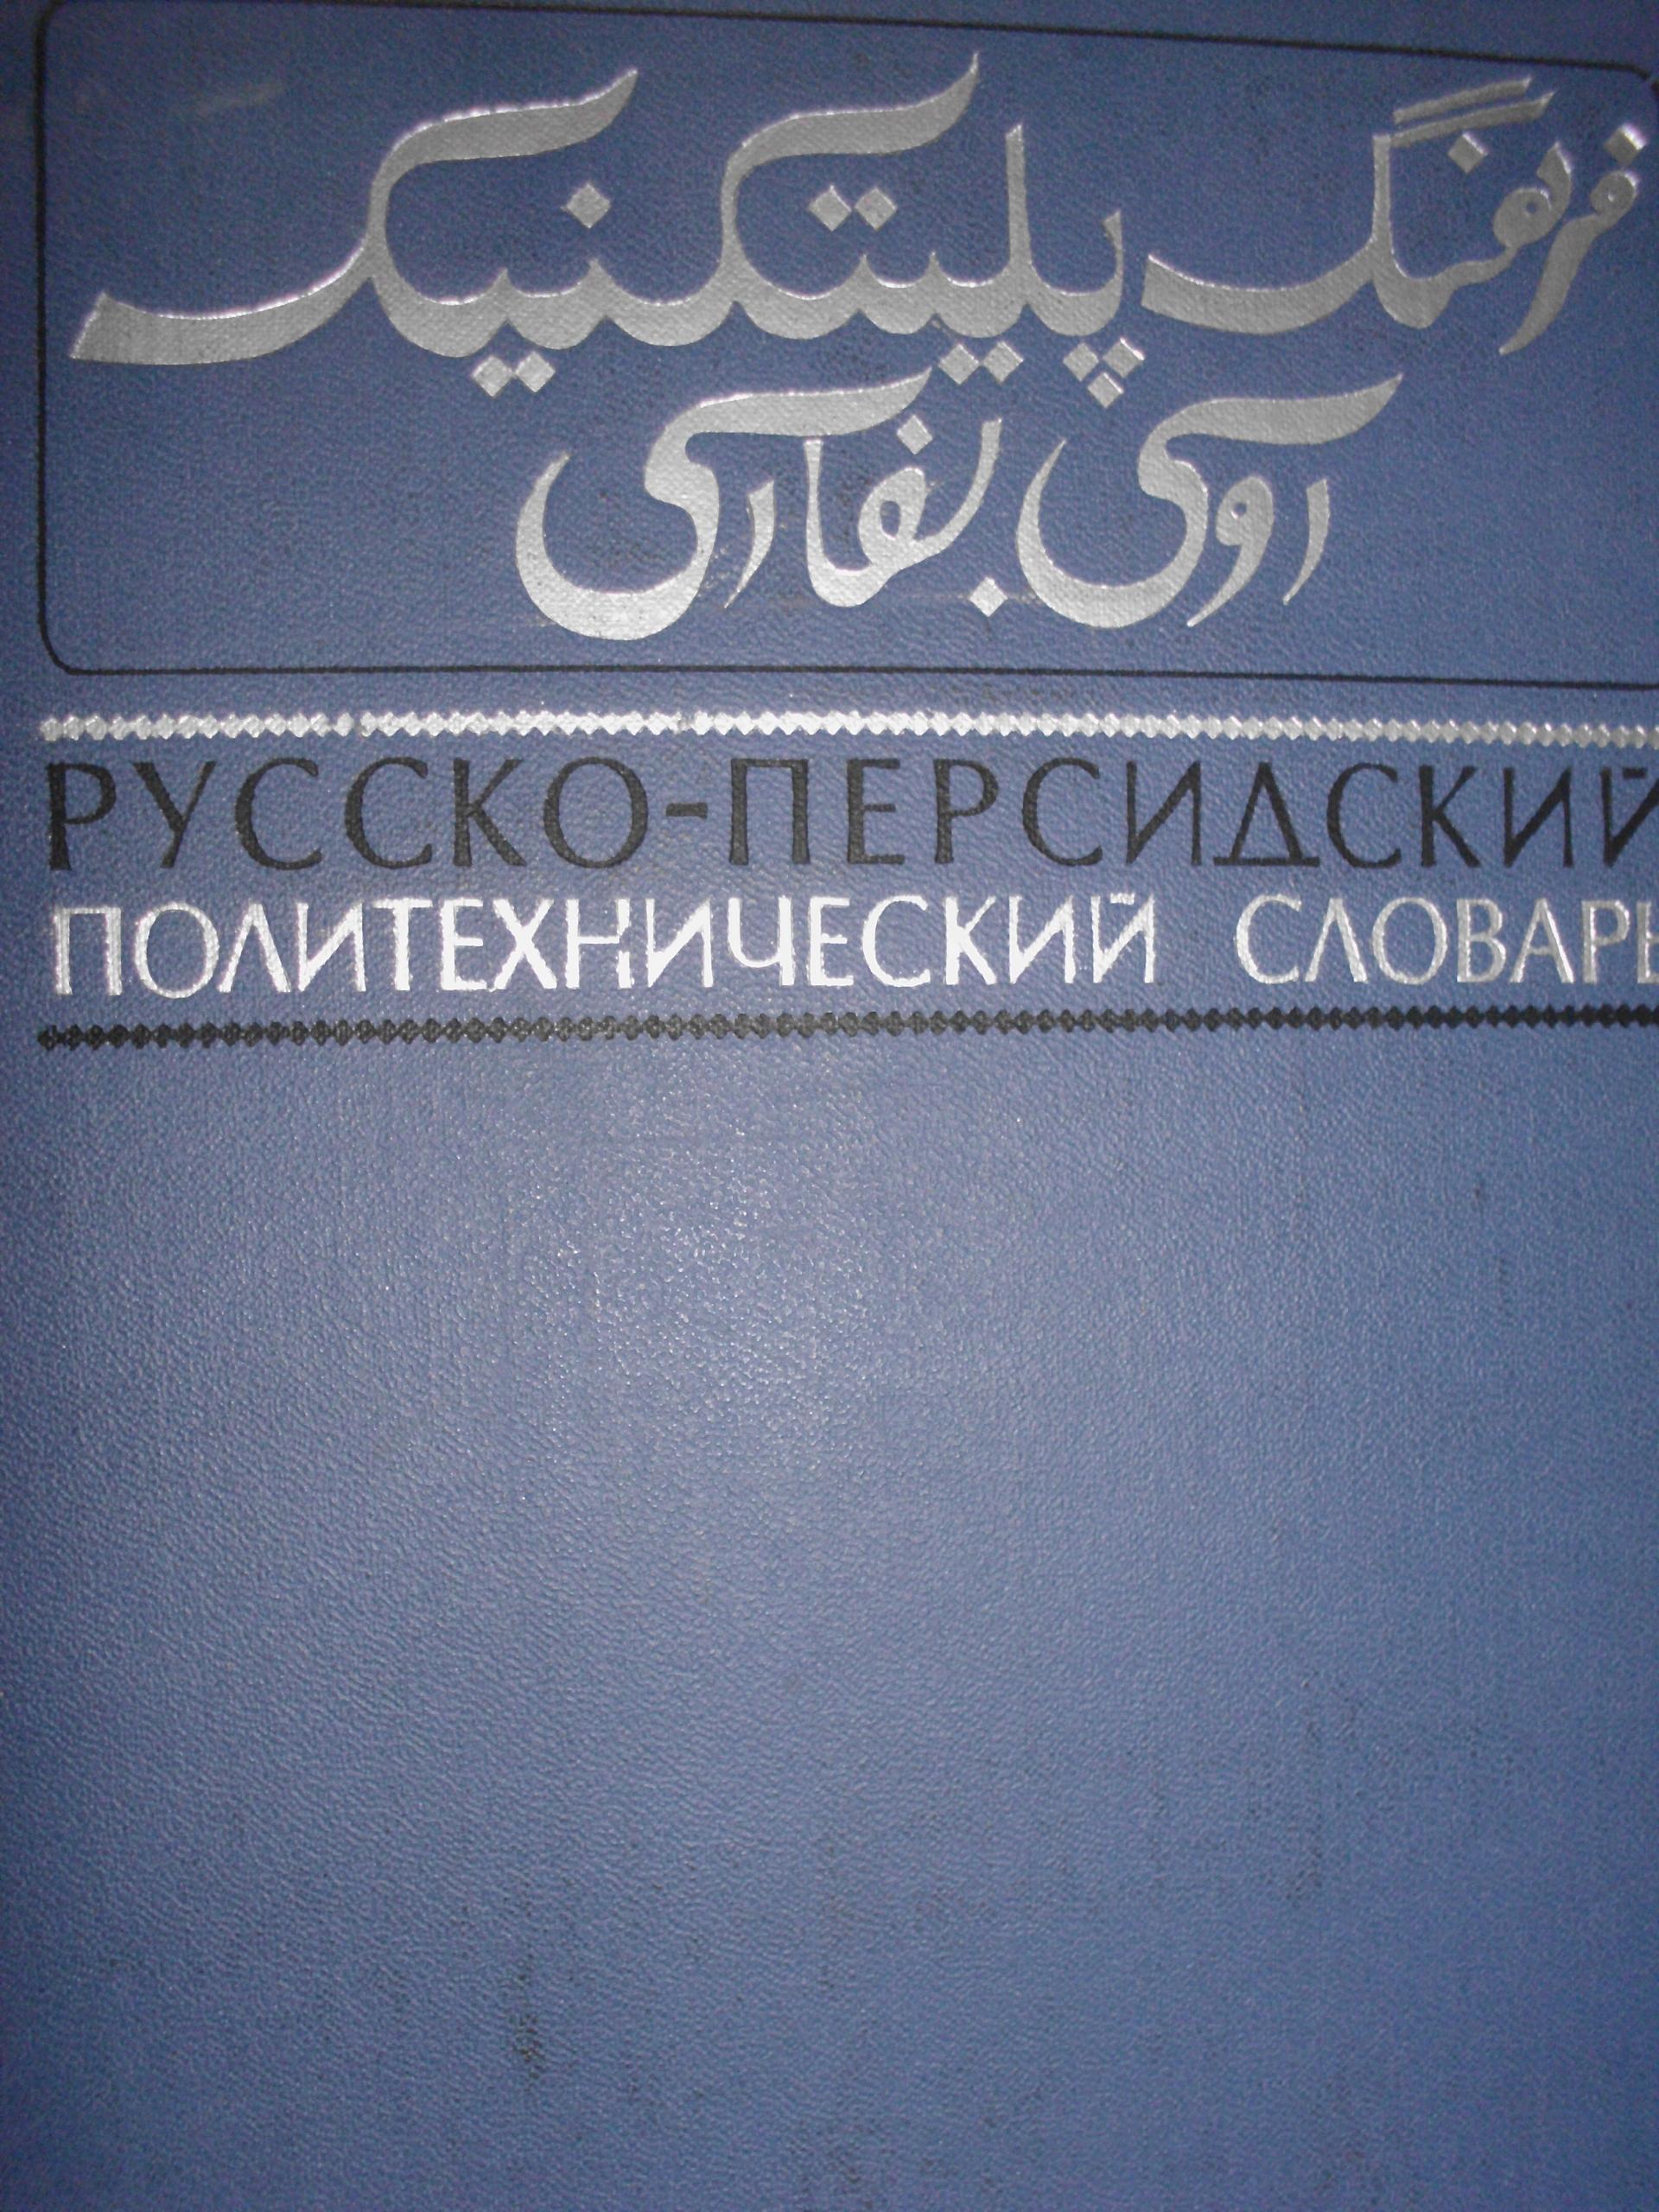 Słownik politechniczny rosyjsko-perski 50 000 słów